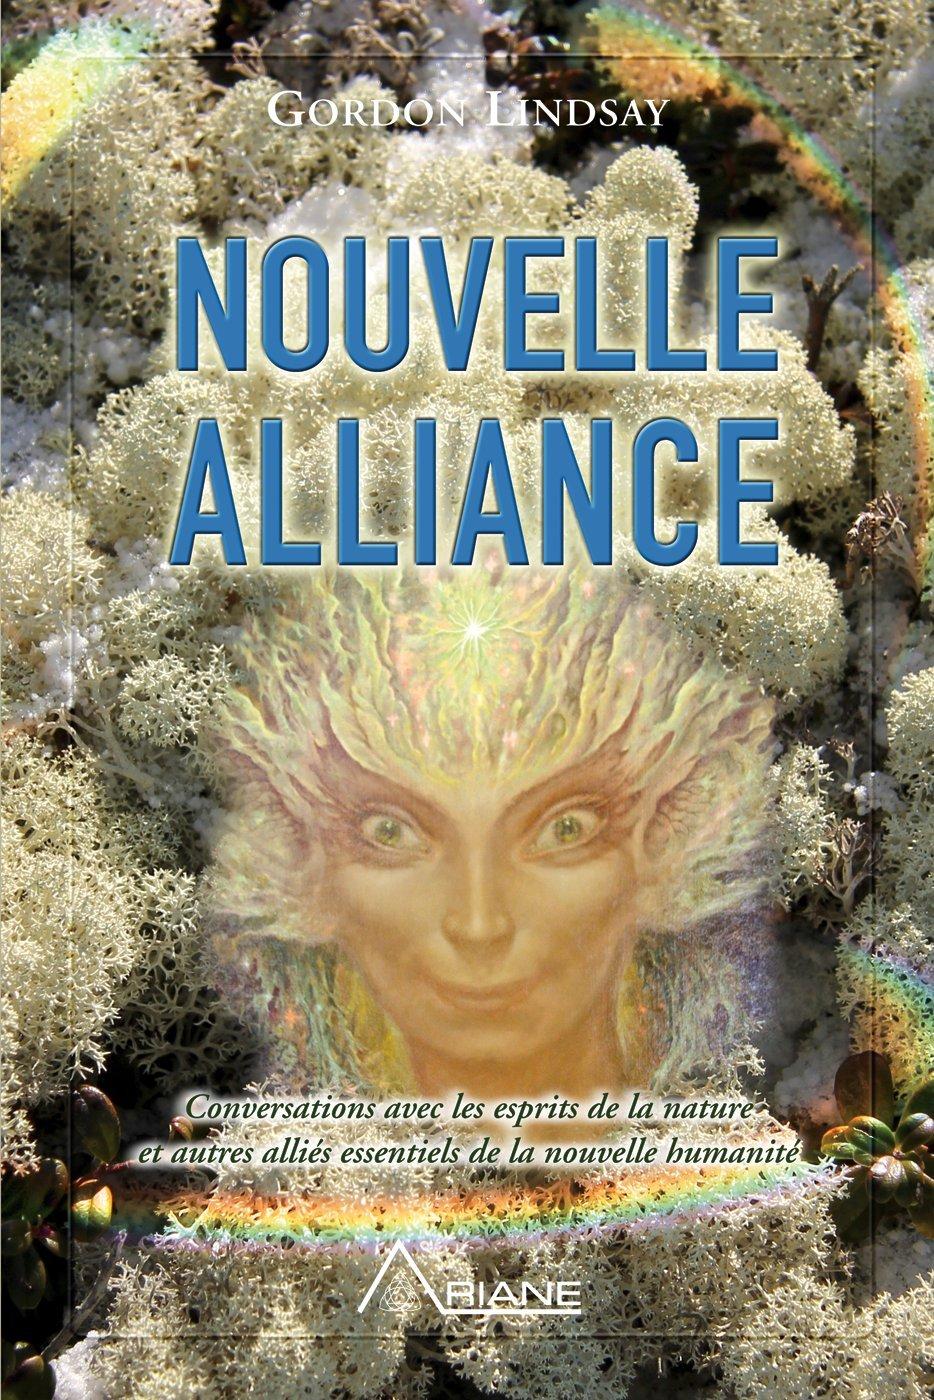 Nouvelle alliance: Conversations avec les esprits de la nature et autres alliés essentiels de la nouvelle humanité por Gordon Lindsay